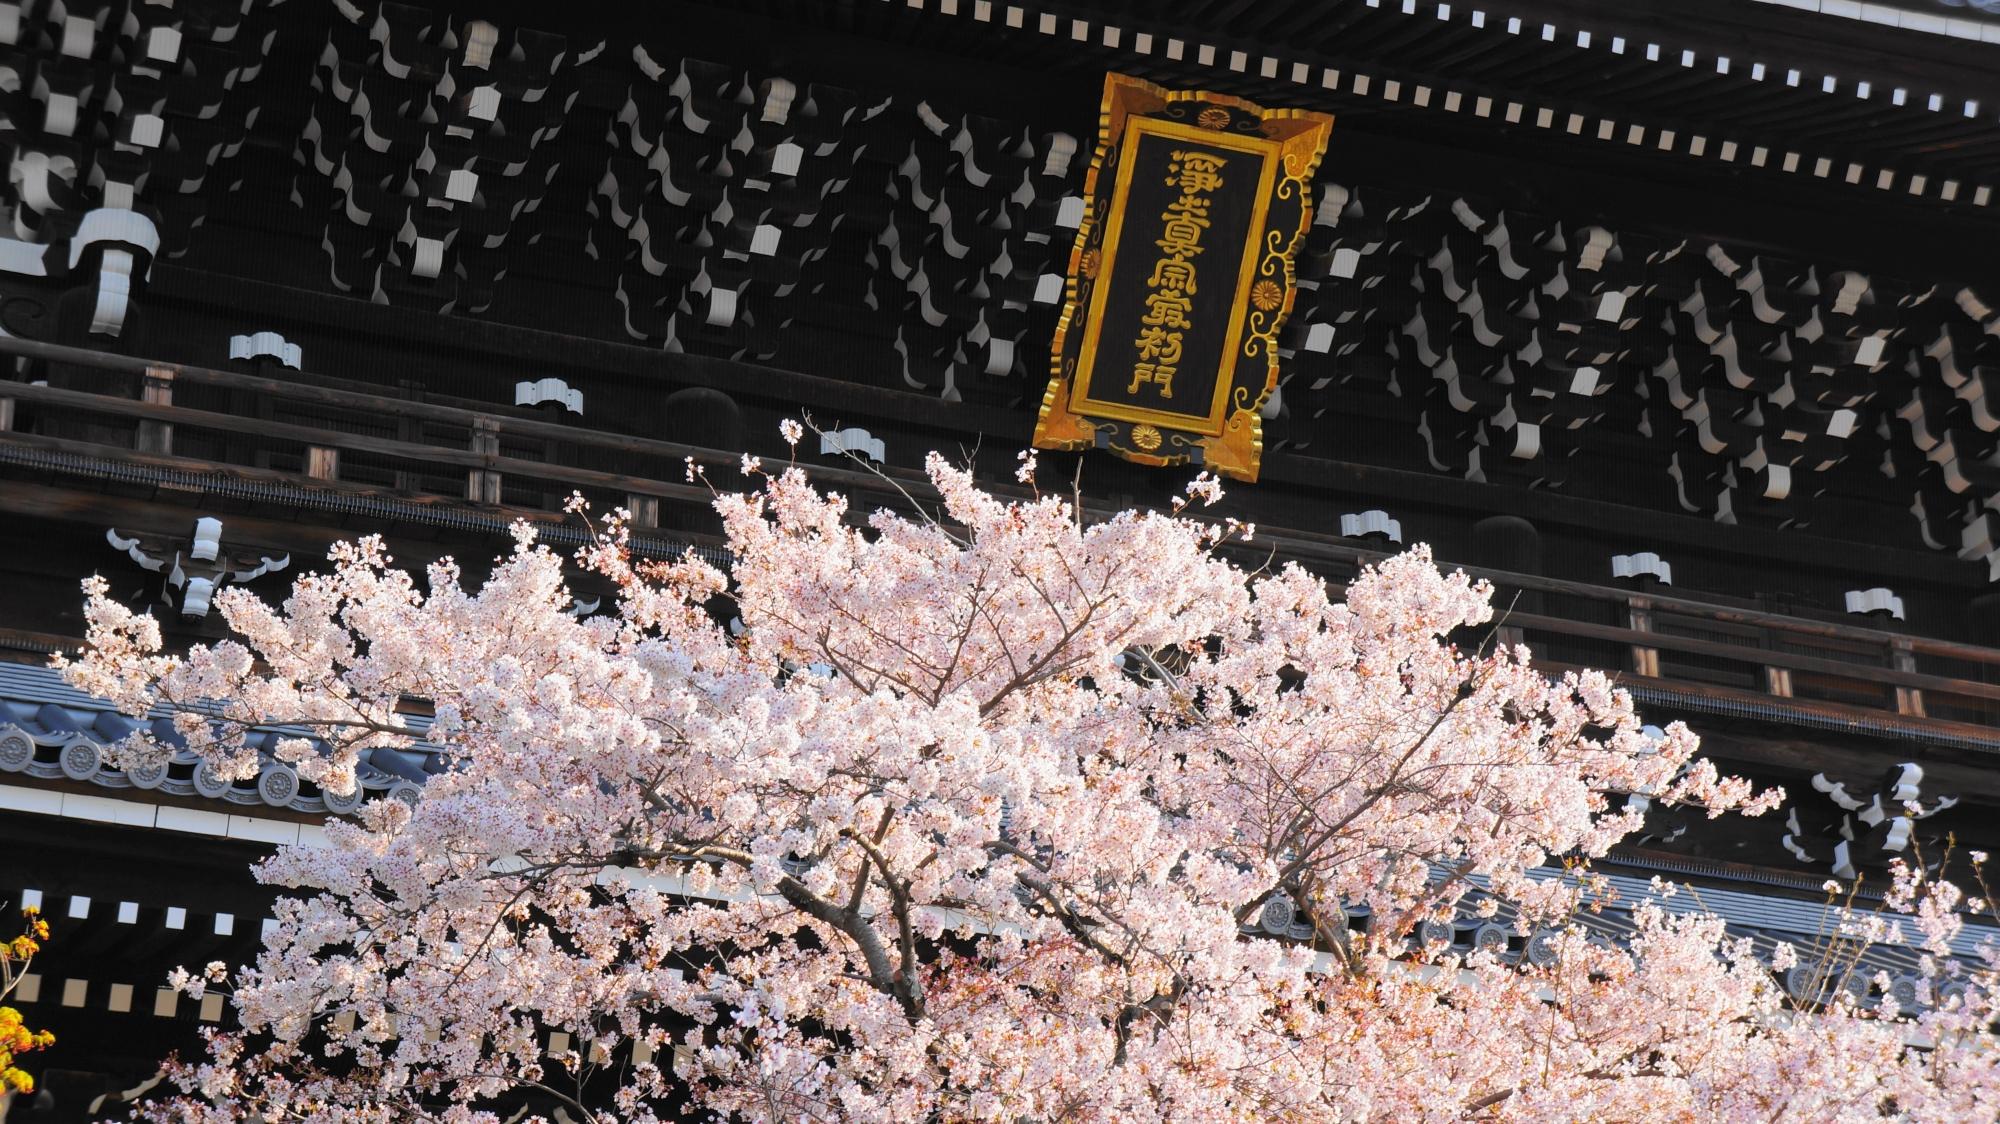 輝く扁額を華やかに演出する桜